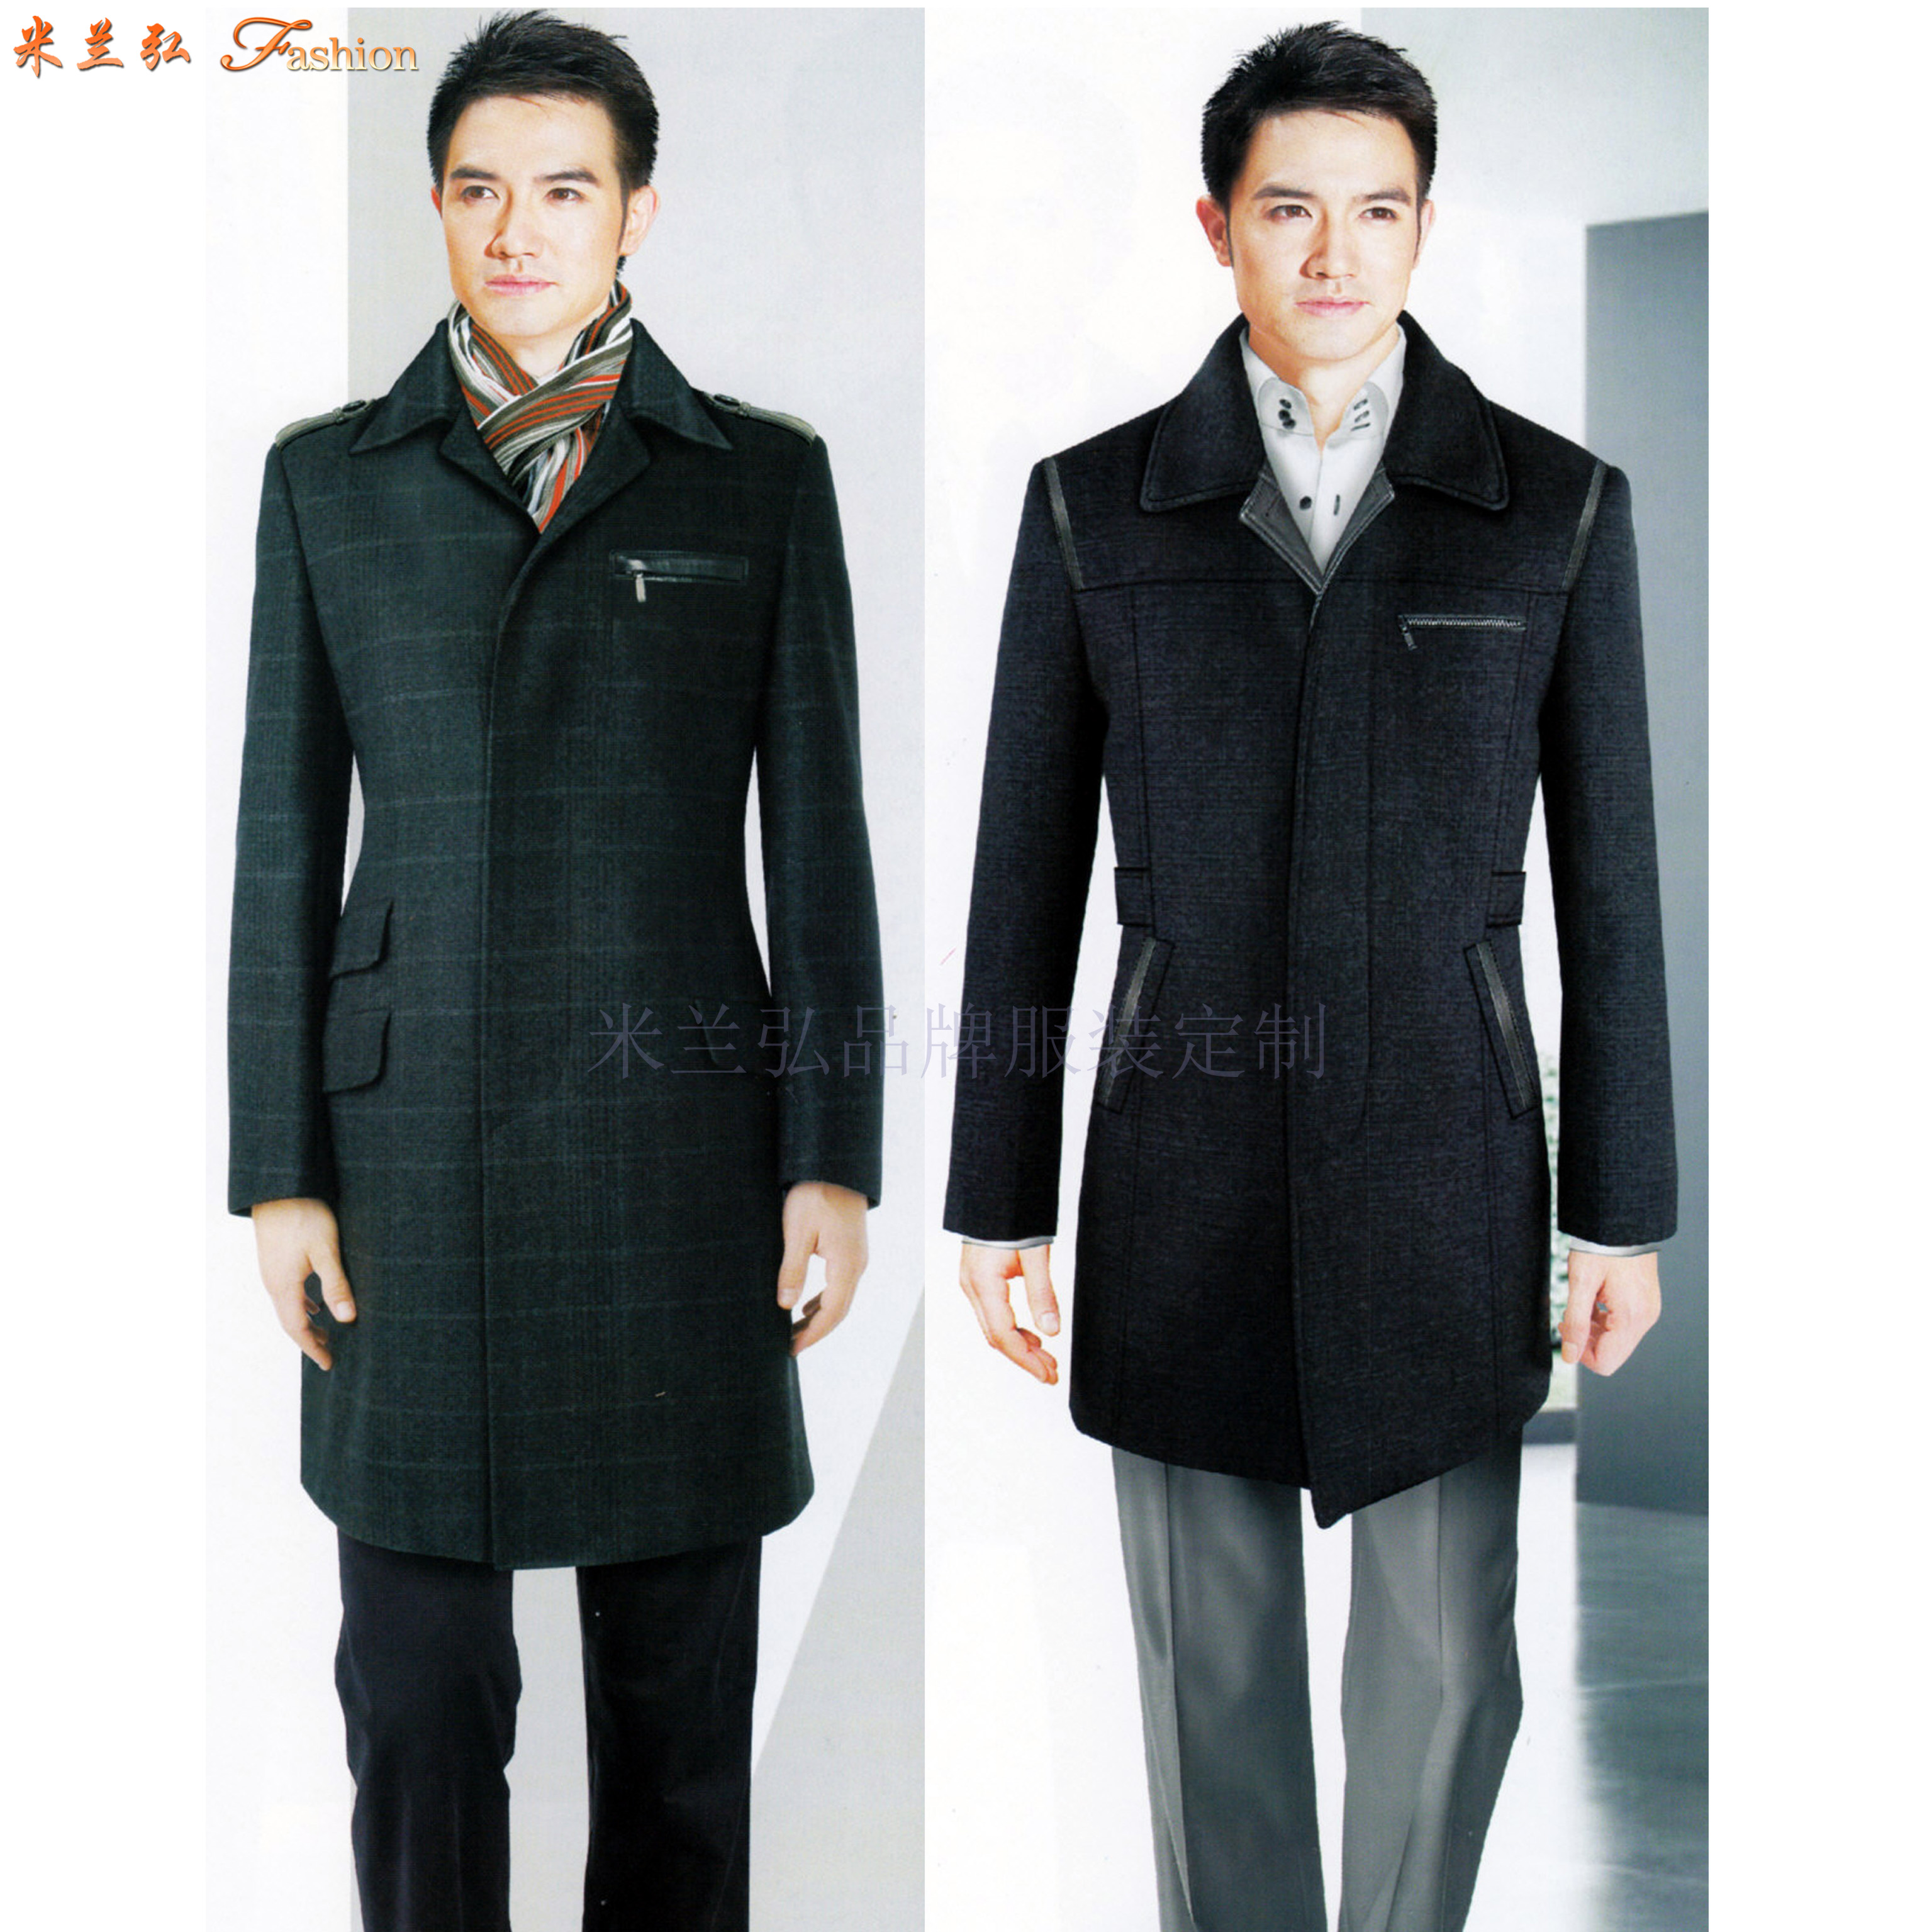 「渭南大衣定制」陜西保暖雙層大衣訂制-米蘭弘服裝-1